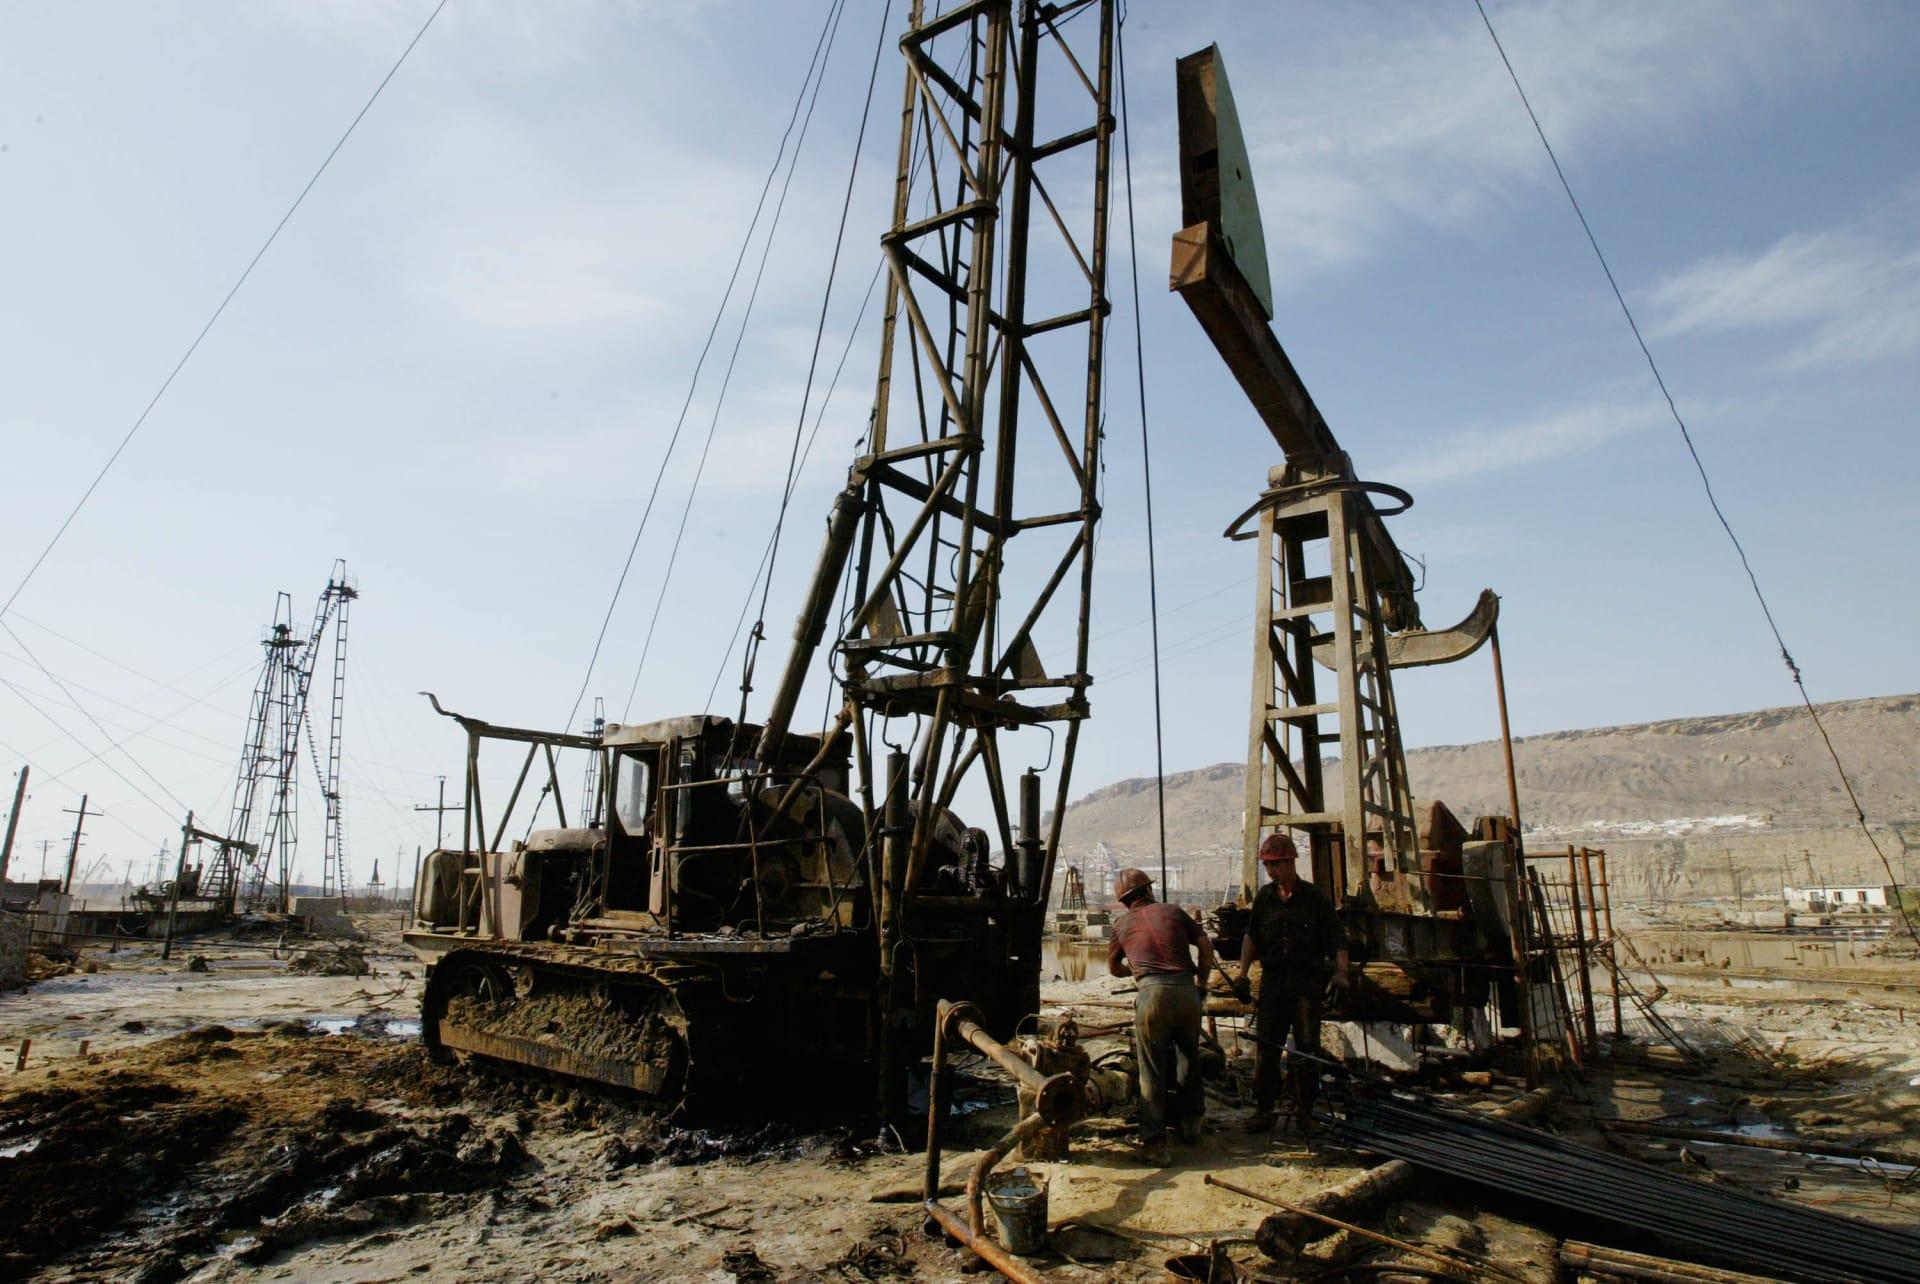 أذربيجان ترتدي ثوب الحداد بعد مقتل وفقدان 30 شخصاً بانفجار منصة نفطية في بحر قزوين